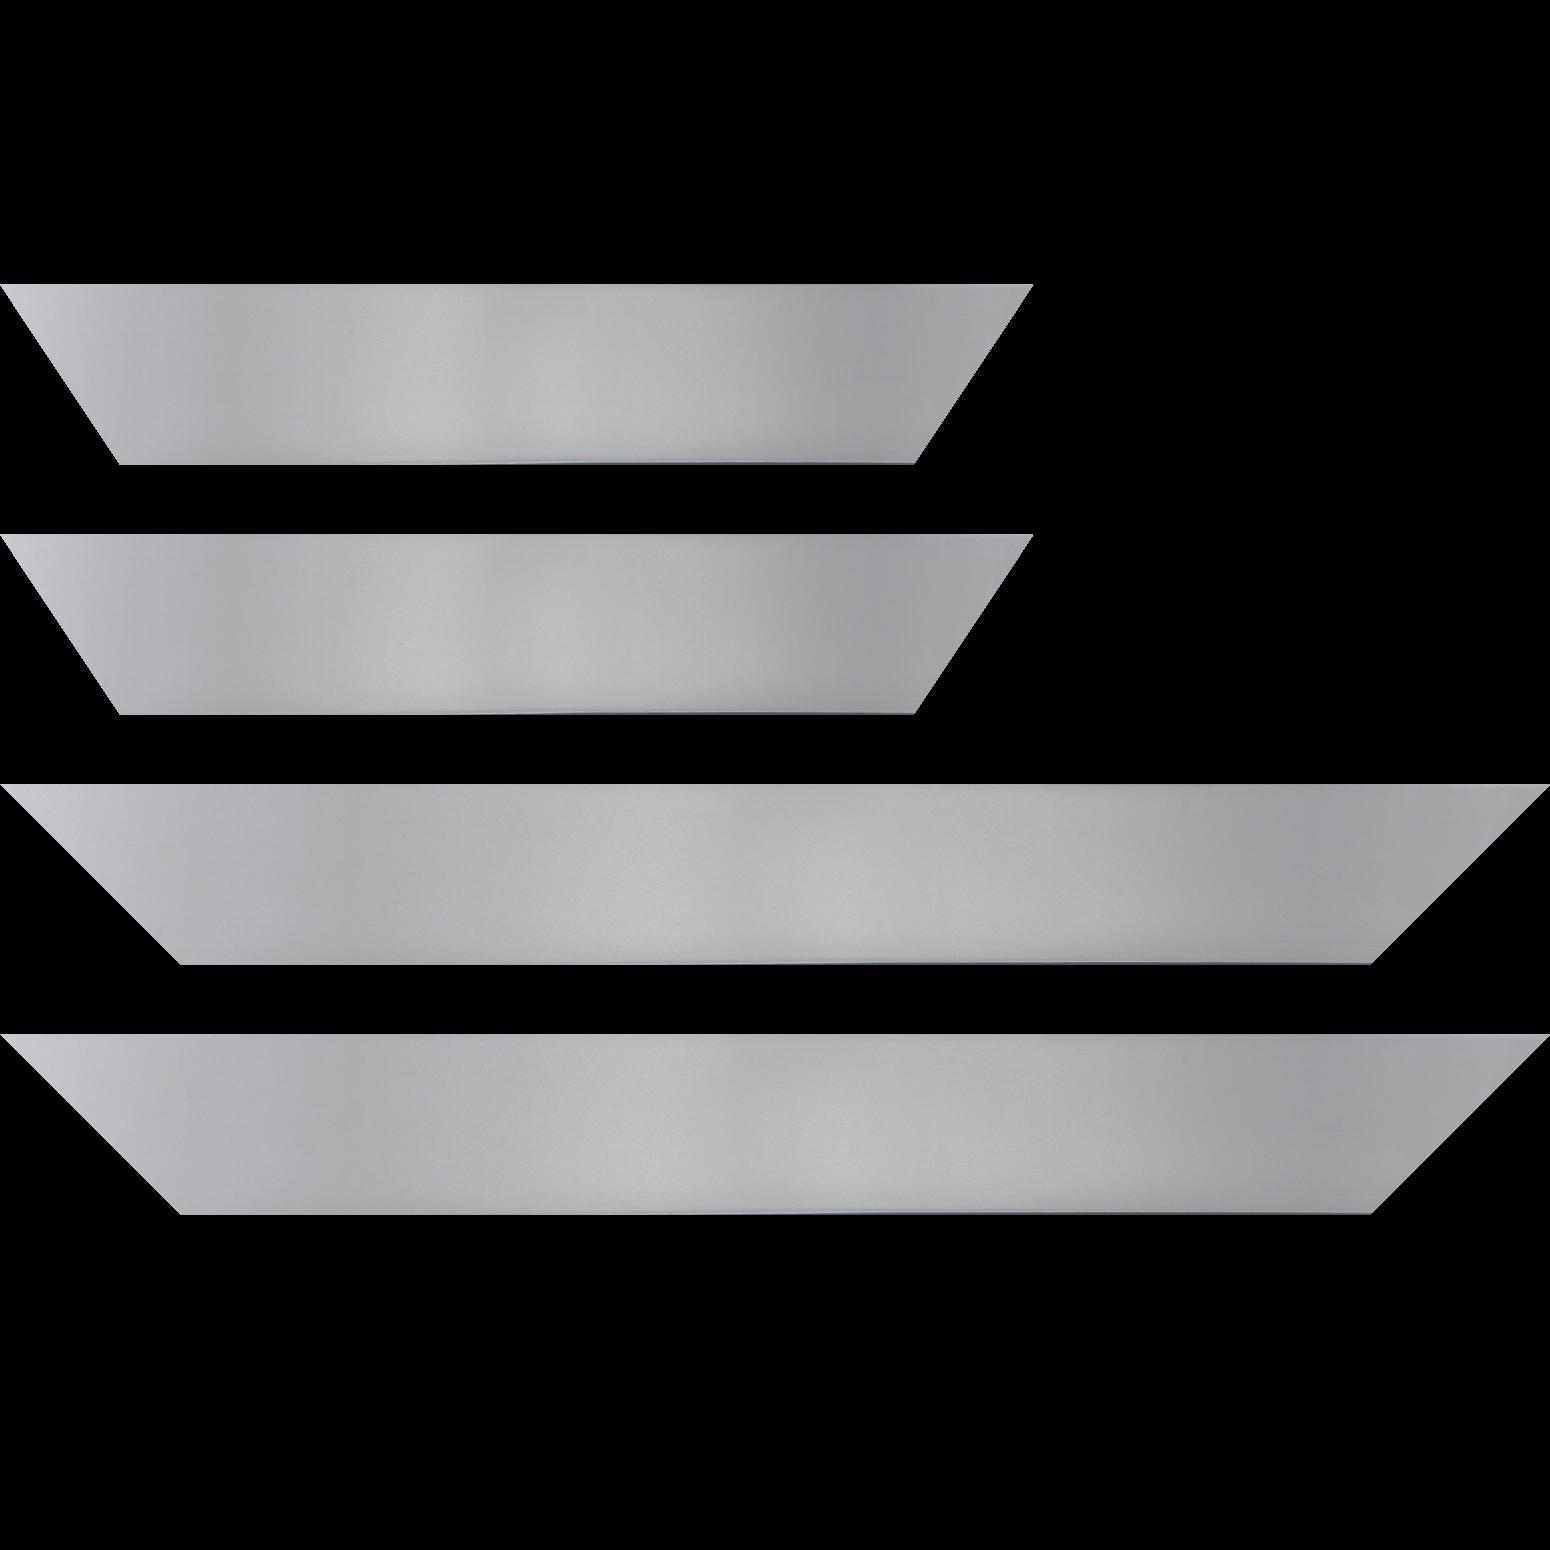 Baguette service précoupé Bois recouvert aluminium profil plat largeur 6cm argent brossé bord droit